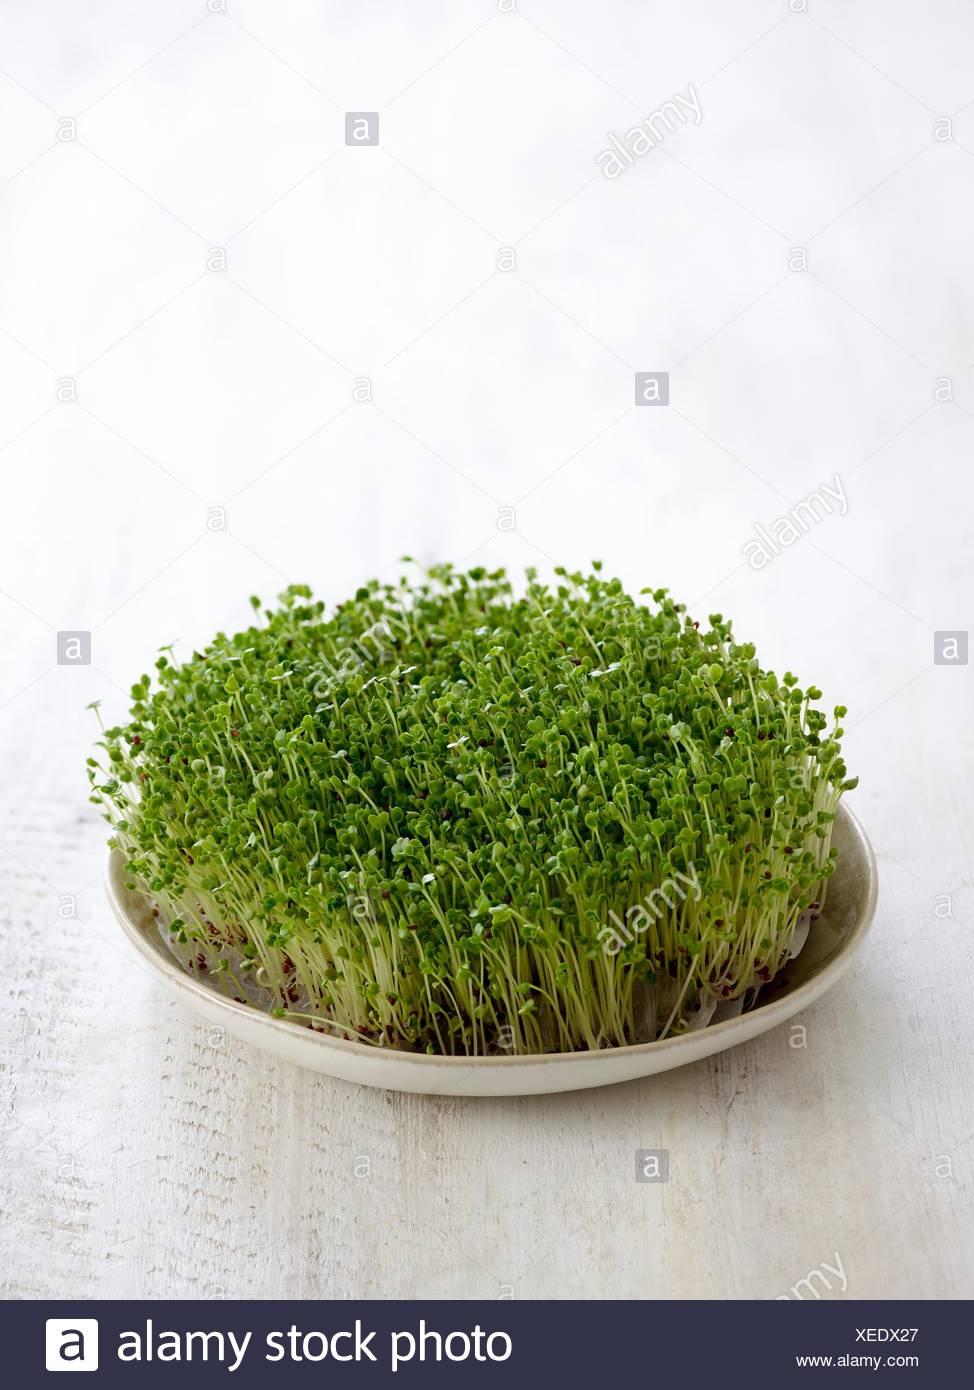 Broccoletti in un piatto da portata. Immagini Stock